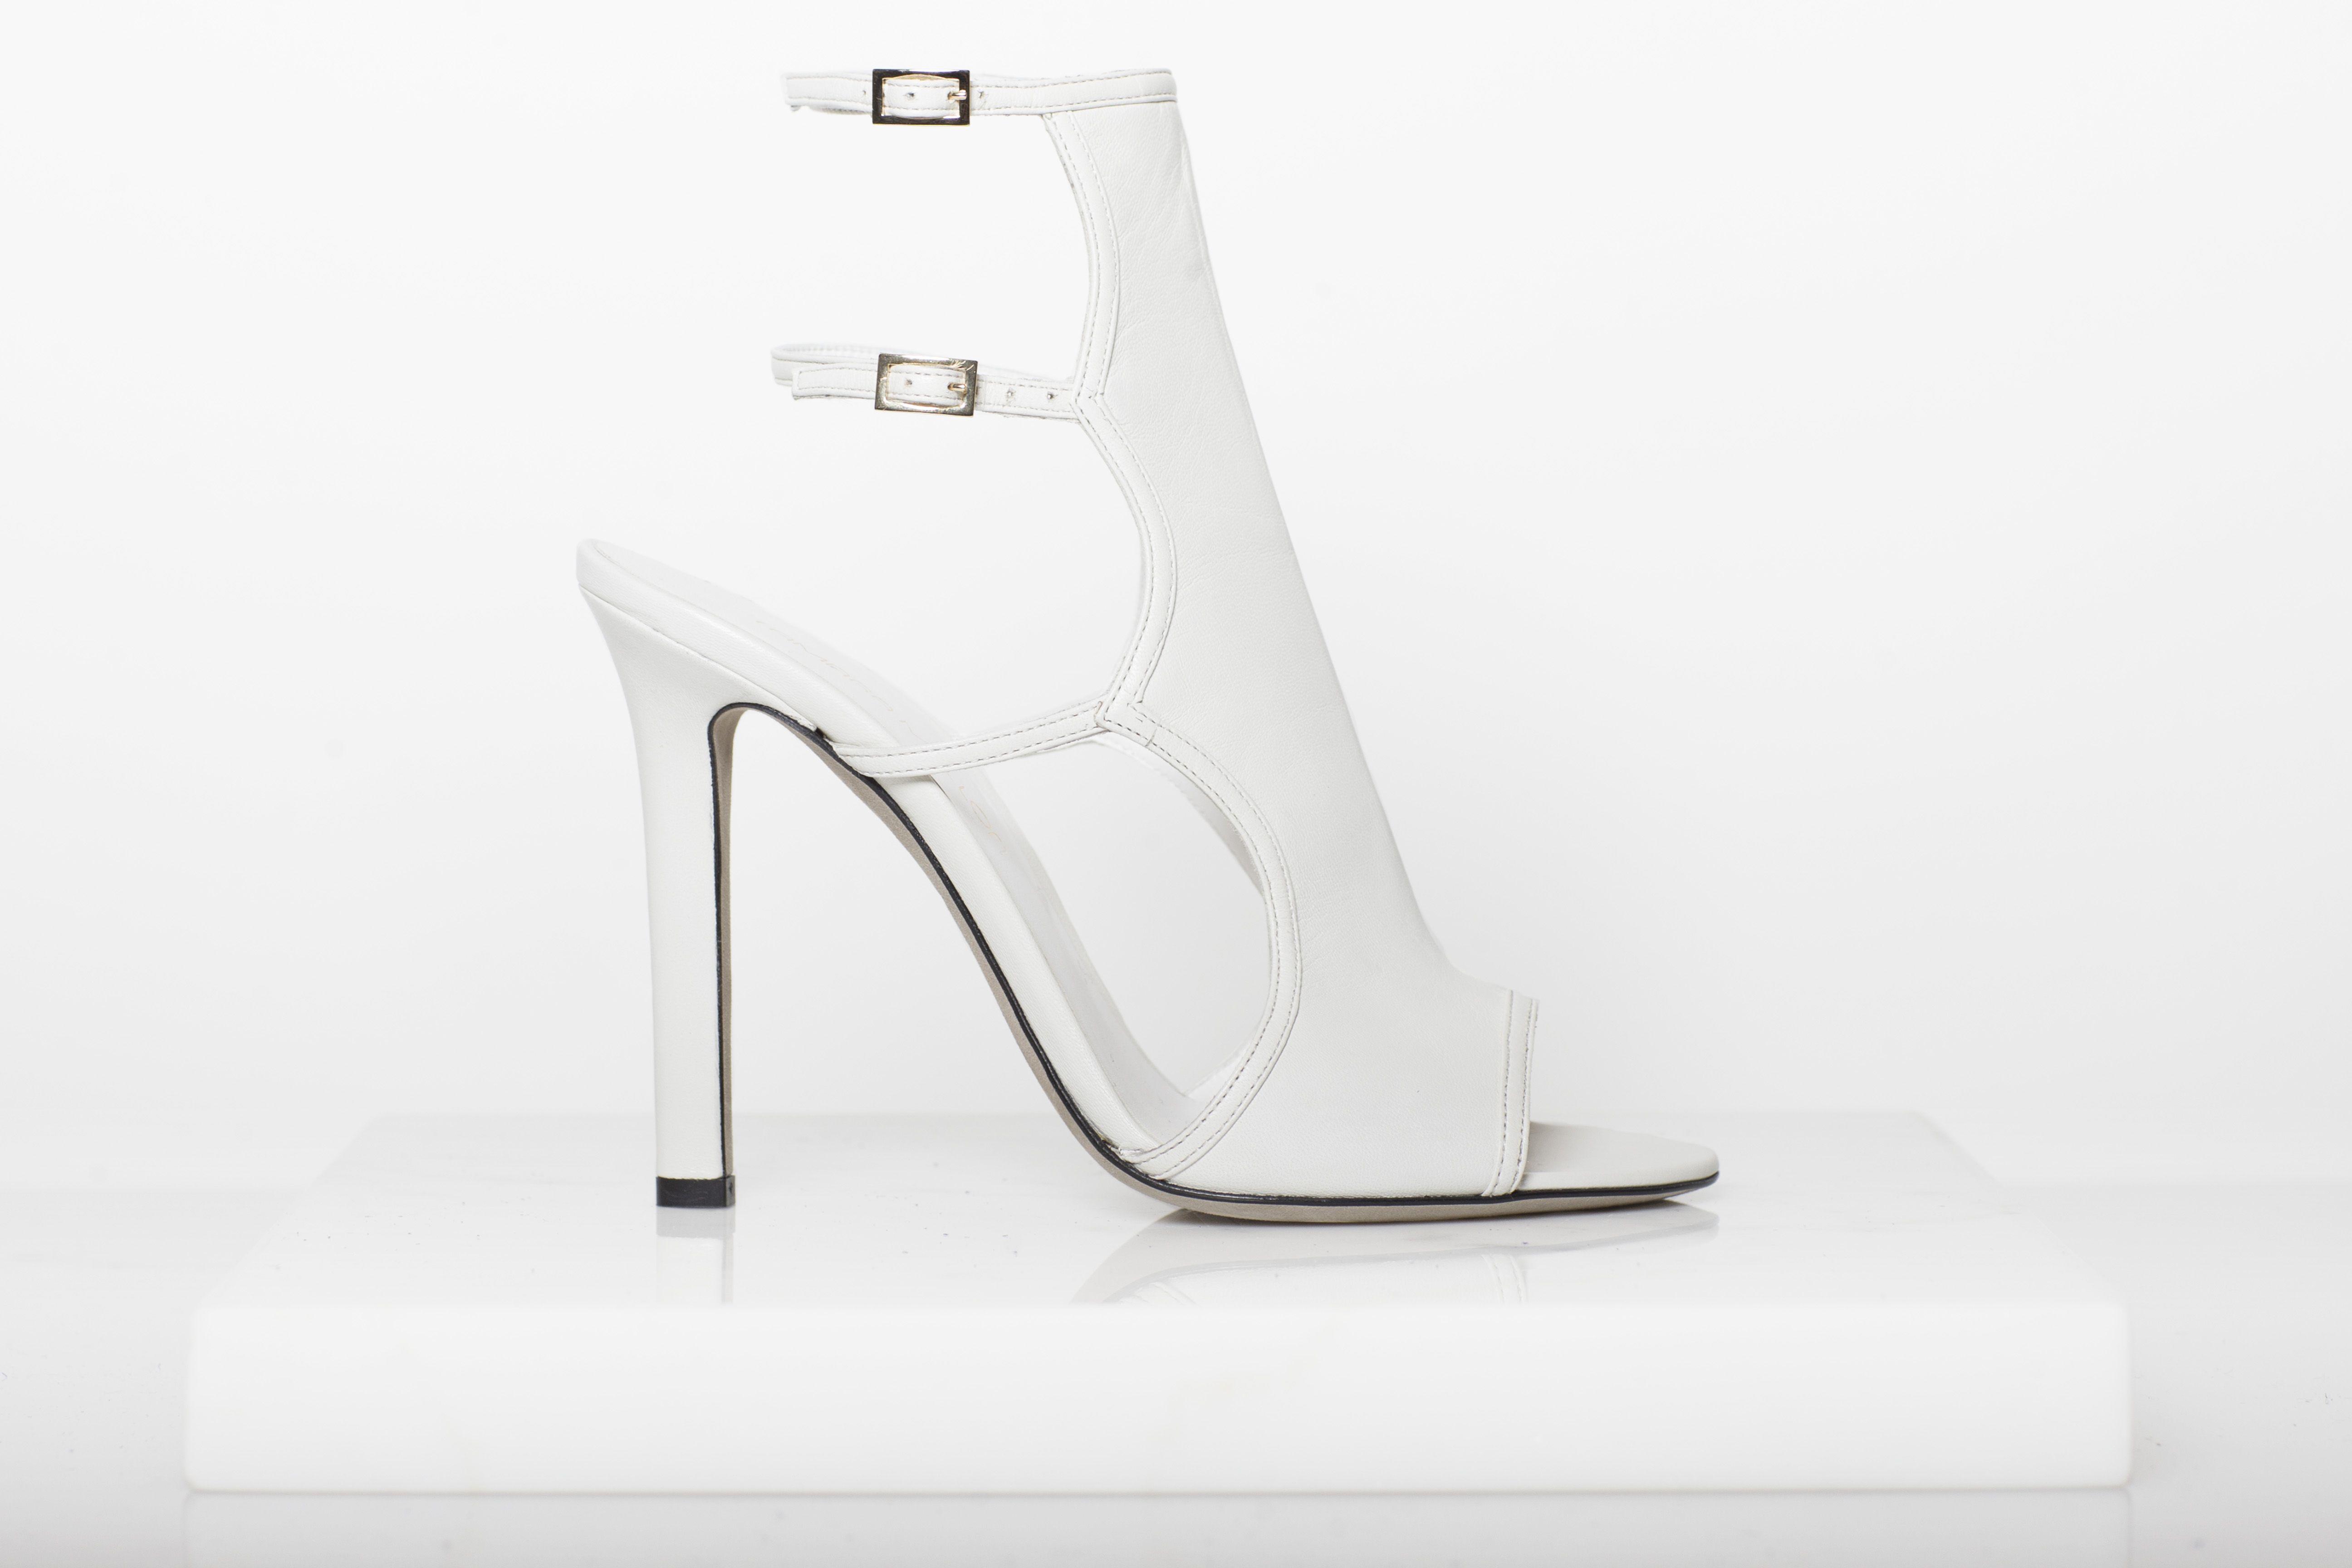 Bad Girl Open Toe Sandal Bootie in Cream #Sandal #Bootie #White #TamaraMellon